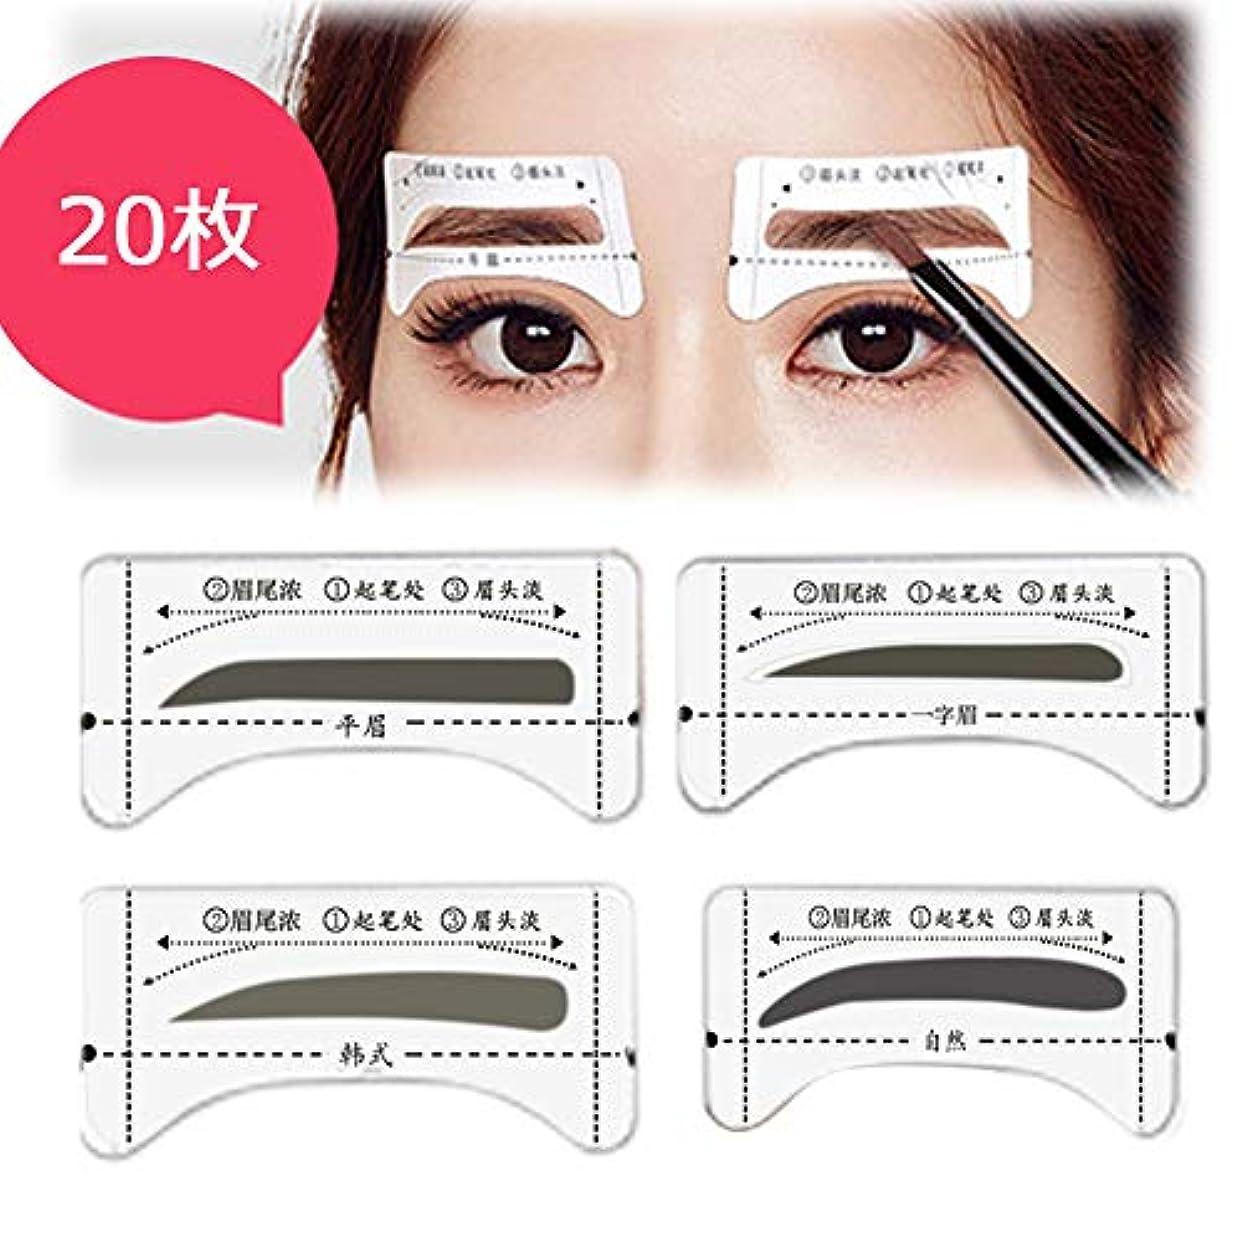 従順強大な準備した眉テンプレート 眉毛 4種20枚(韓国風、一言眉、自然、平らな眉毛)片手使用する